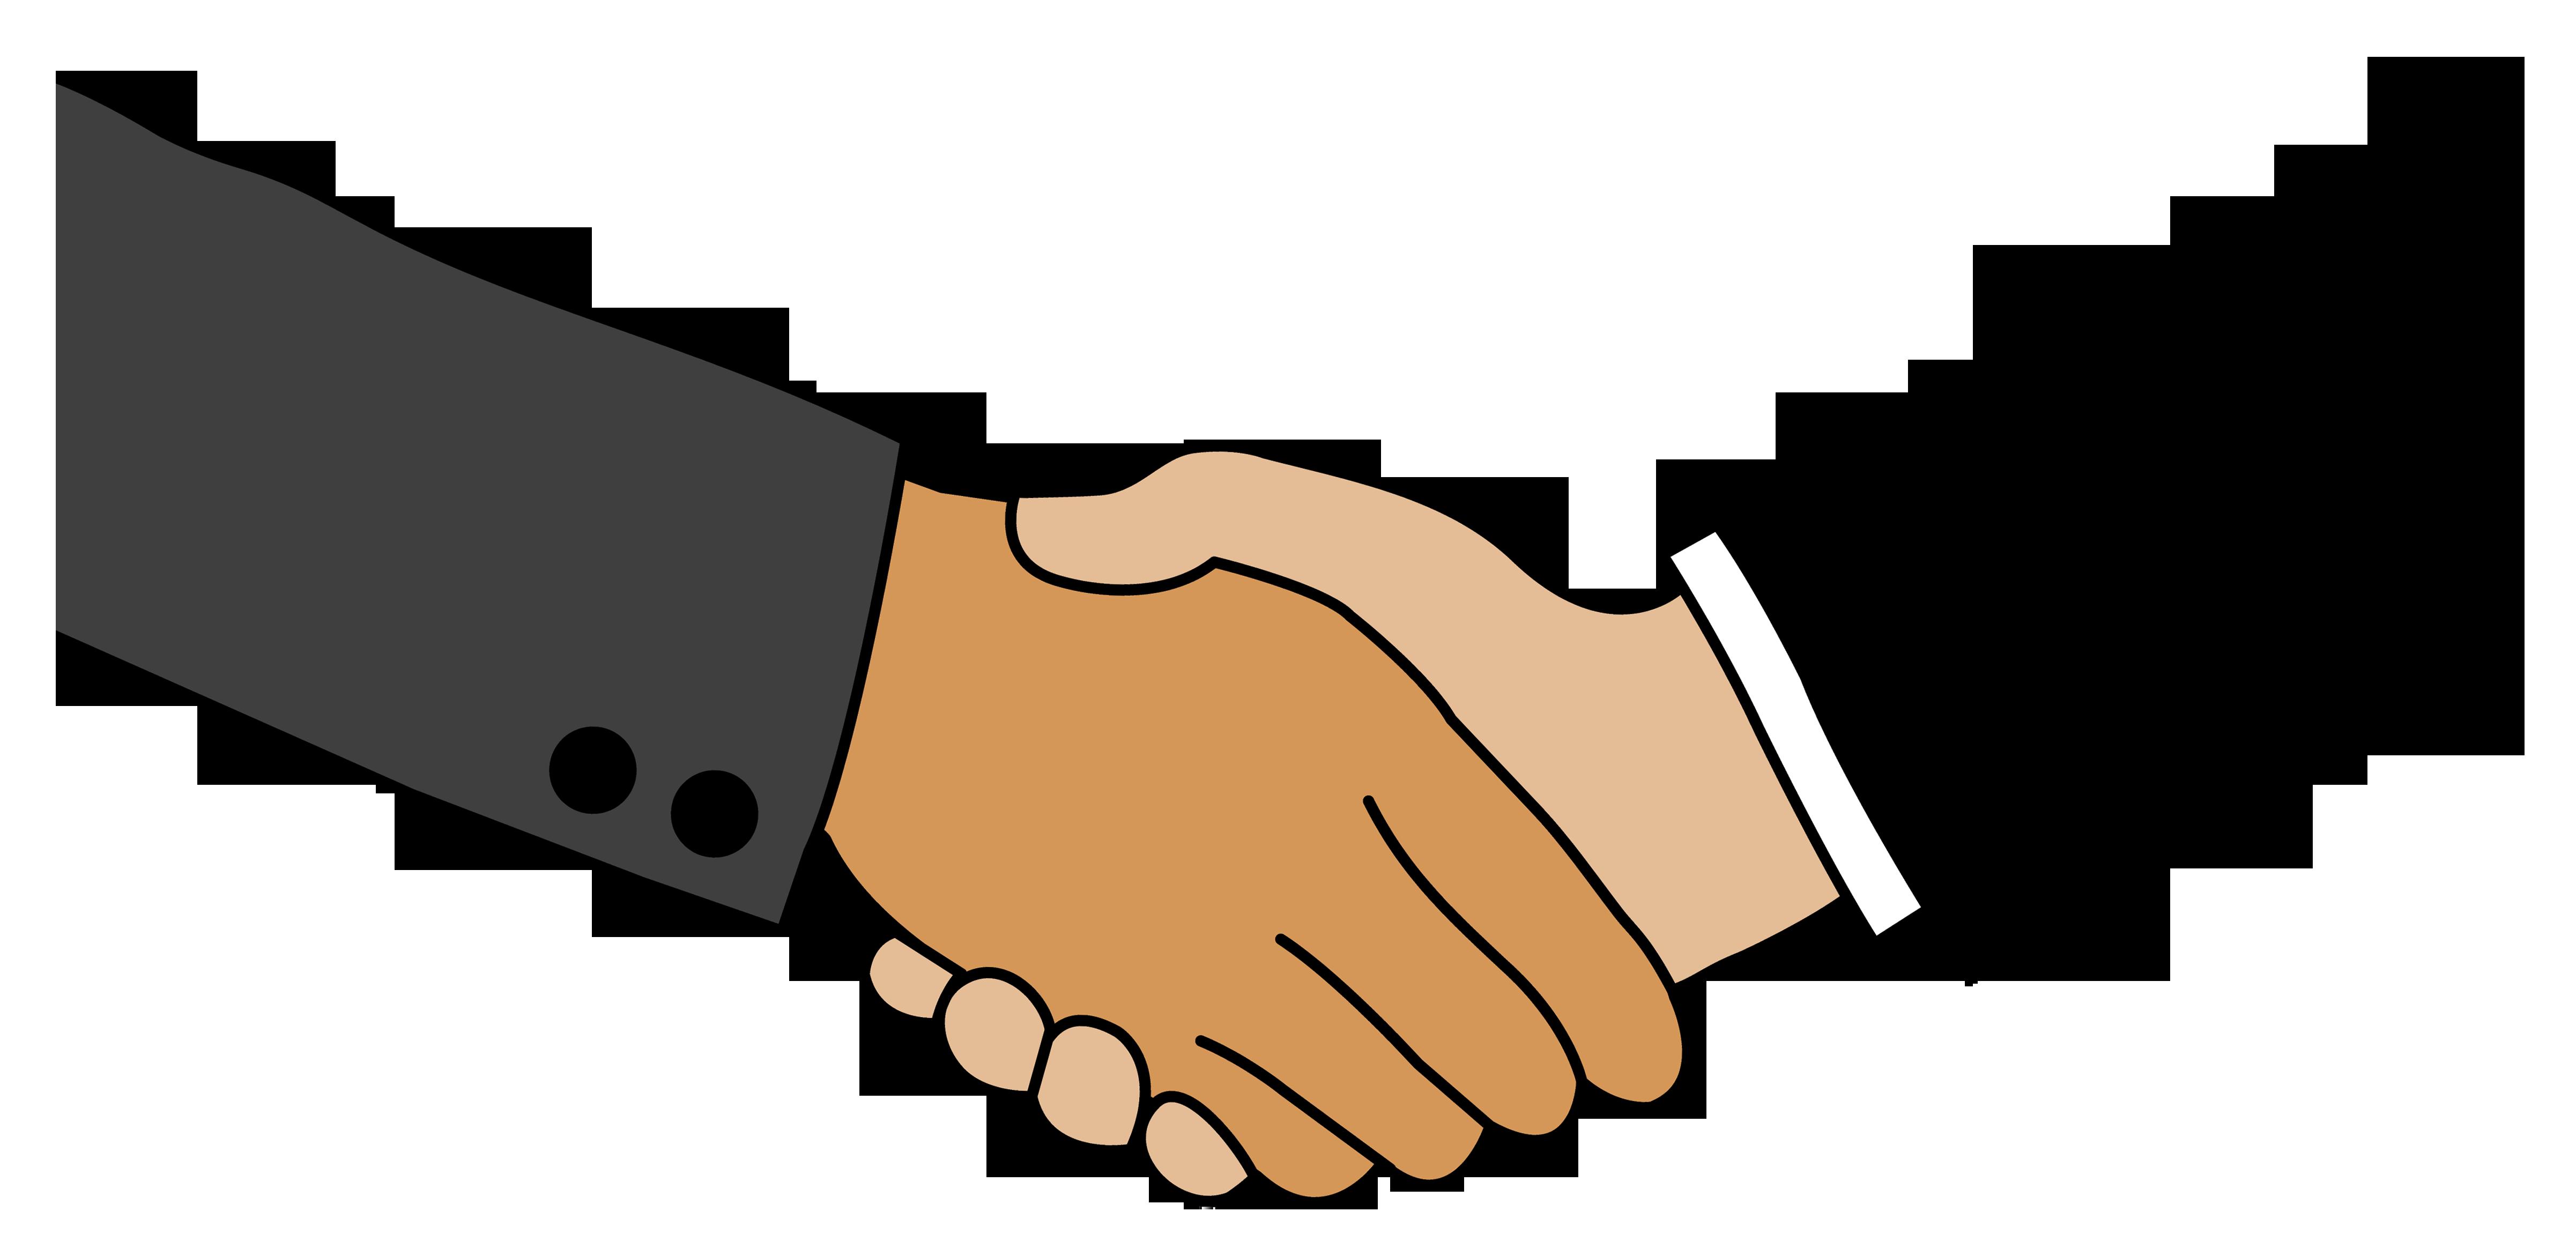 Free Handshake Clipart